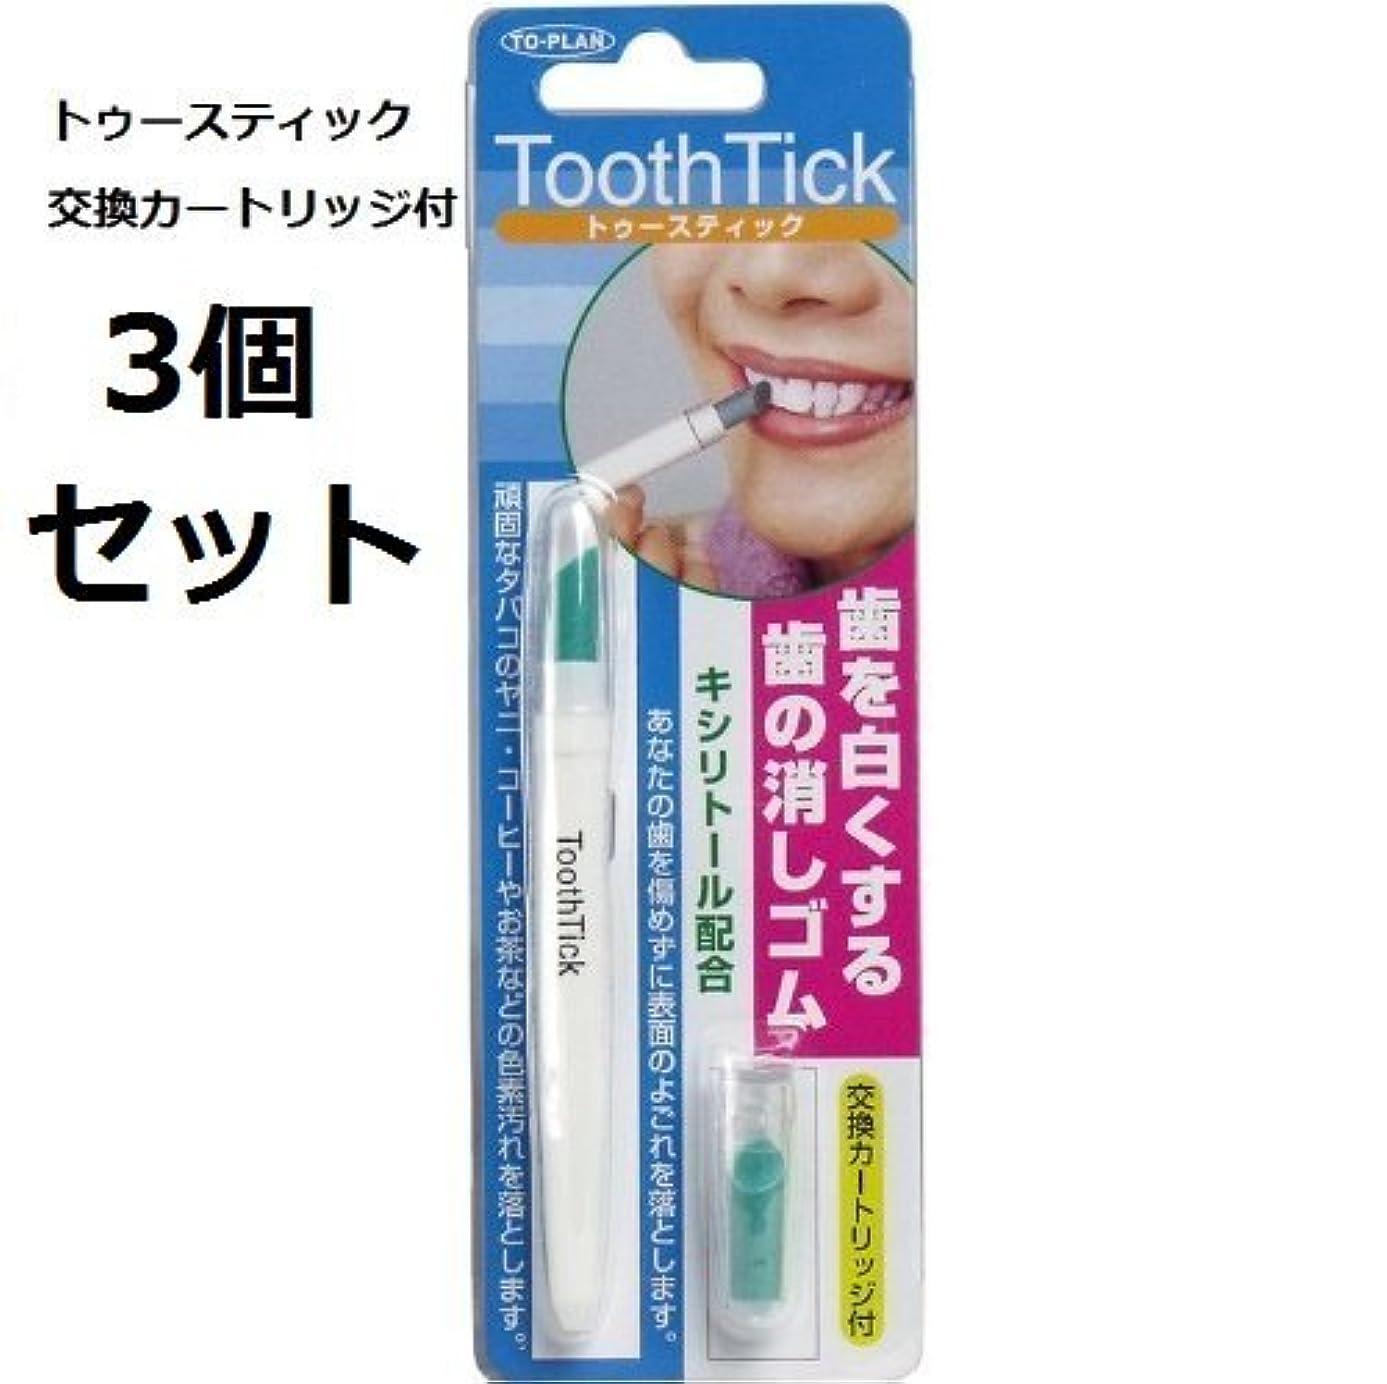 バケツ買収庭園歯を白くする歯の消しゴム トゥースティック 交換カートリッジ付 3個セット